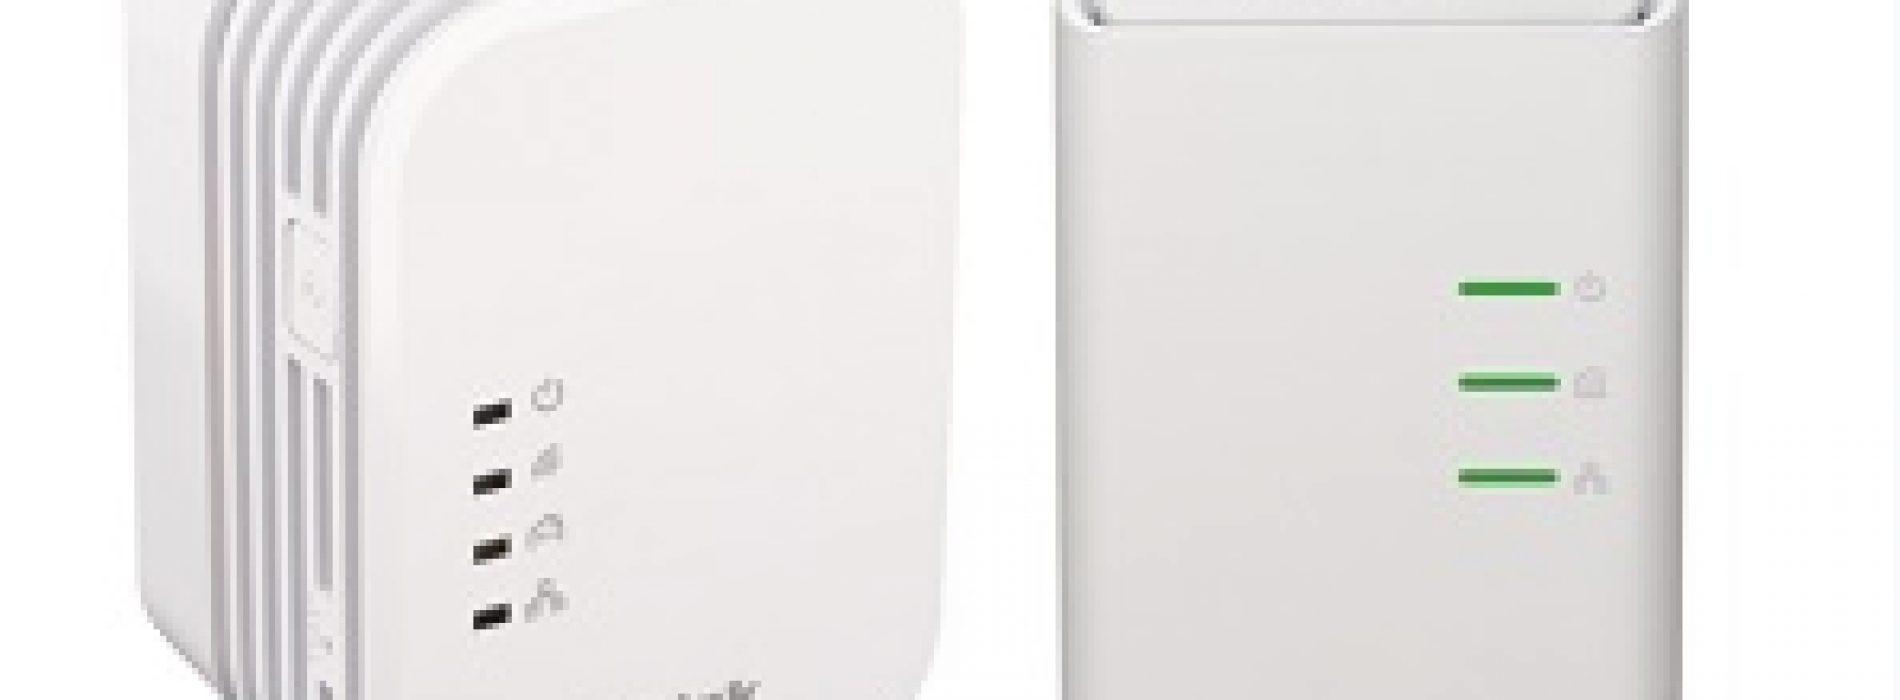 Powerline solución ideal para extender el wifi en casa